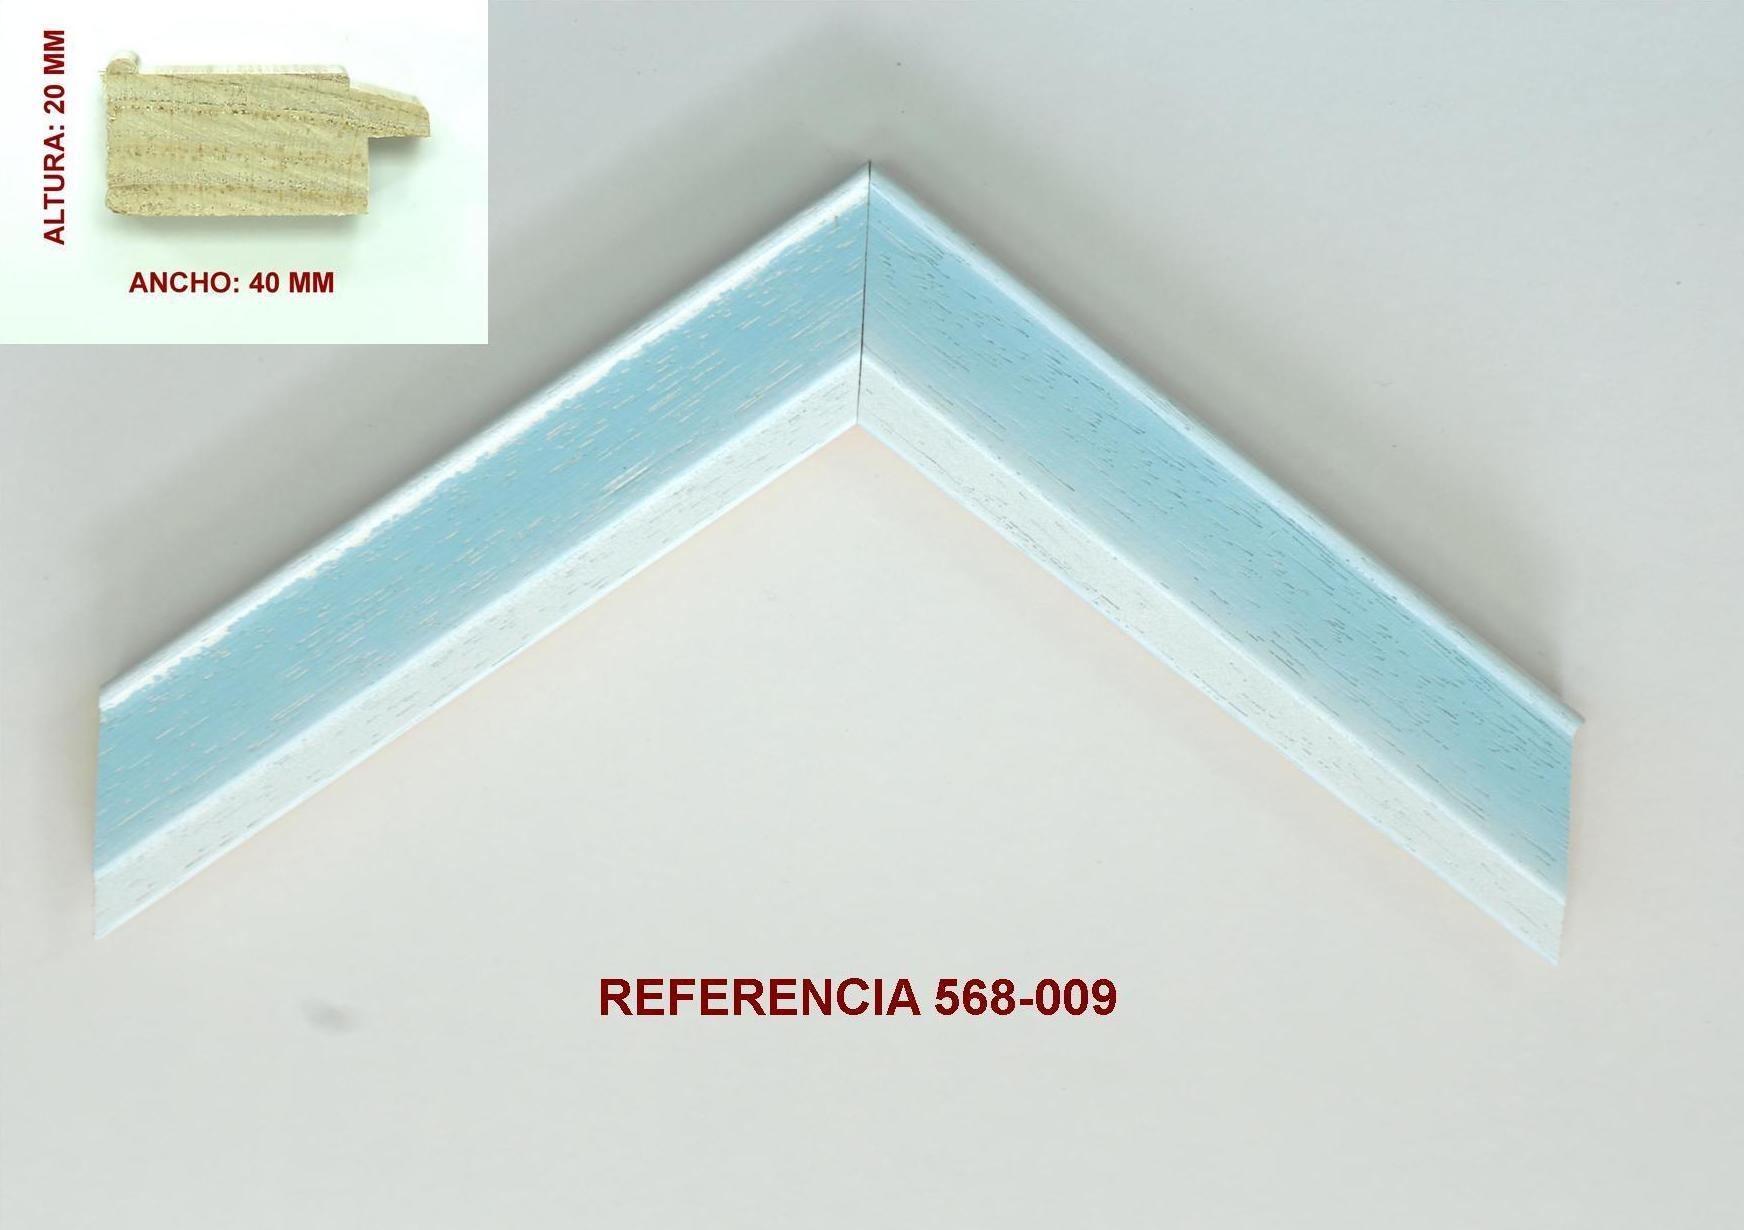 REF 568-009: Muestrario de Moldusevilla